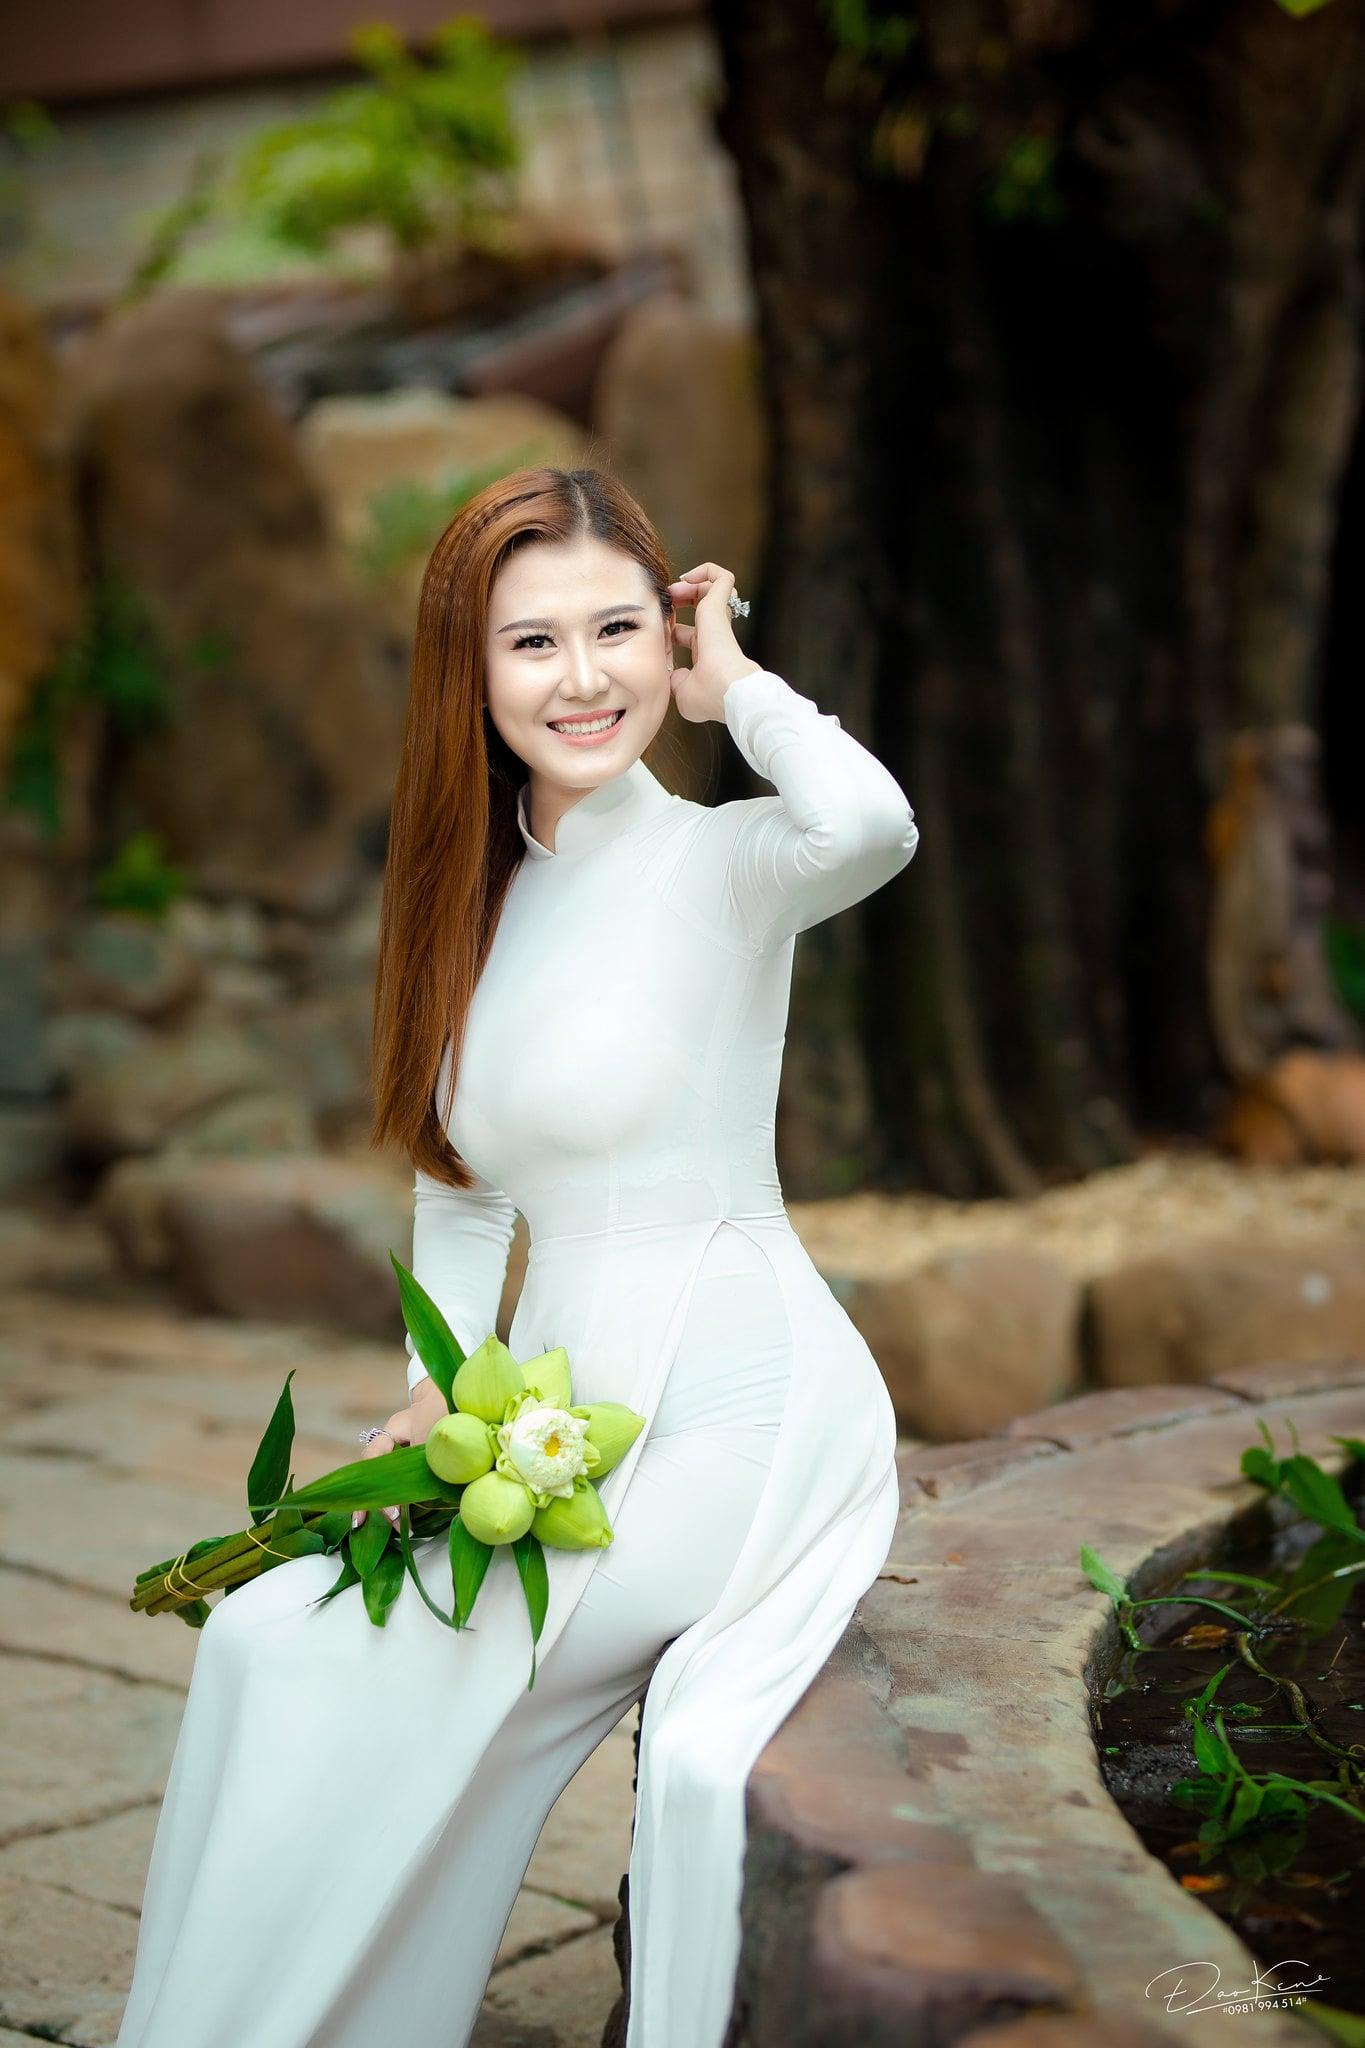 Ha My ao dai 7 min - Album ảnh áo dài thướt tha Hà My- HThao Studio